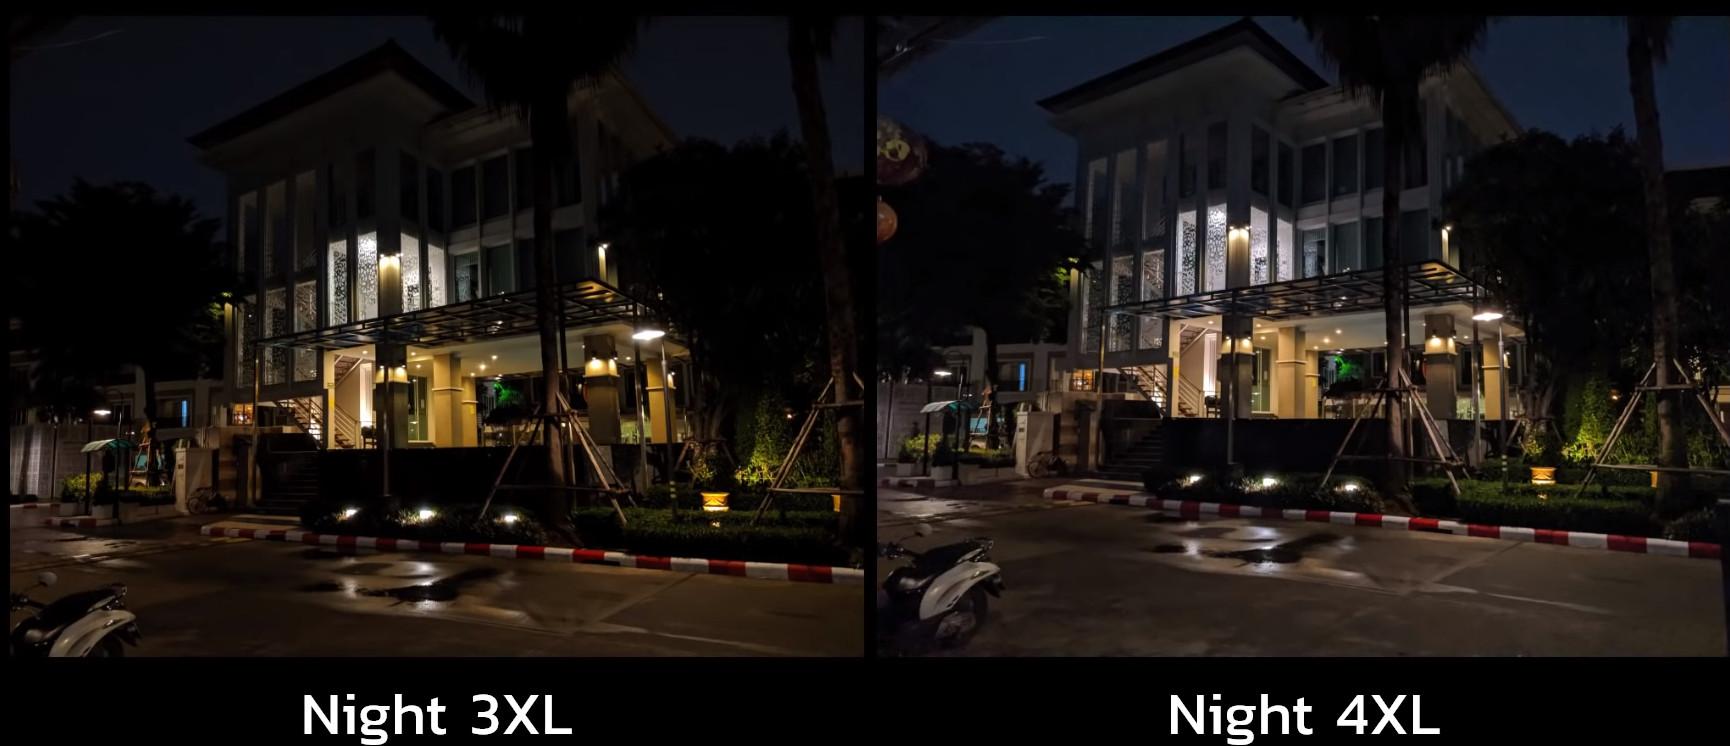 Comparativa de las cámaras traseras de los Google Pixel 3 XL y Google Pixel 4 XL haciendo fotografías en entornos con poca iluminación